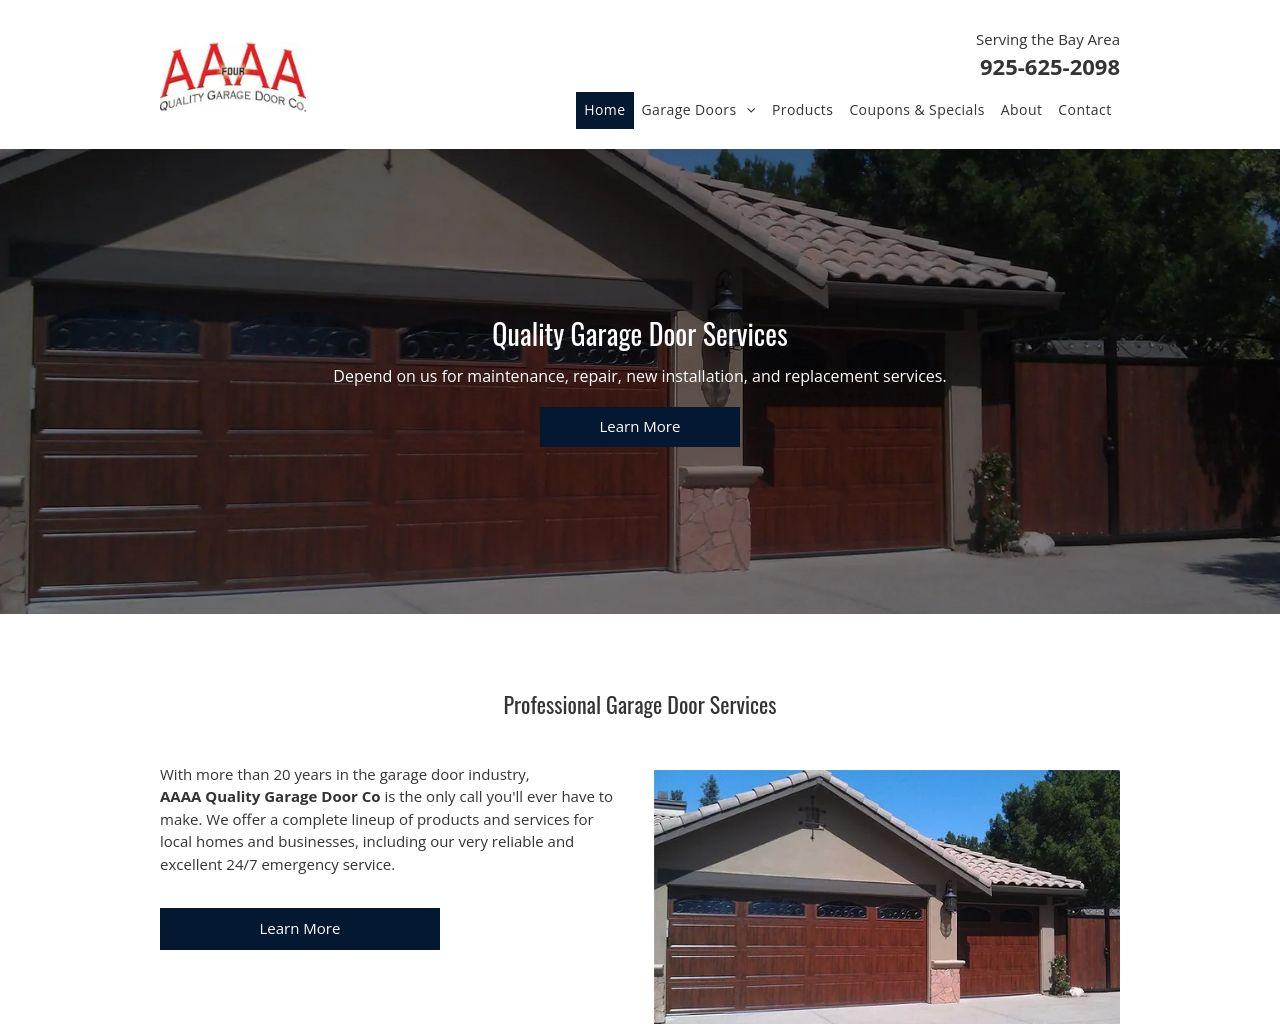 Aaaa Quality Garage Door Co Diamond Certified Garage Doors